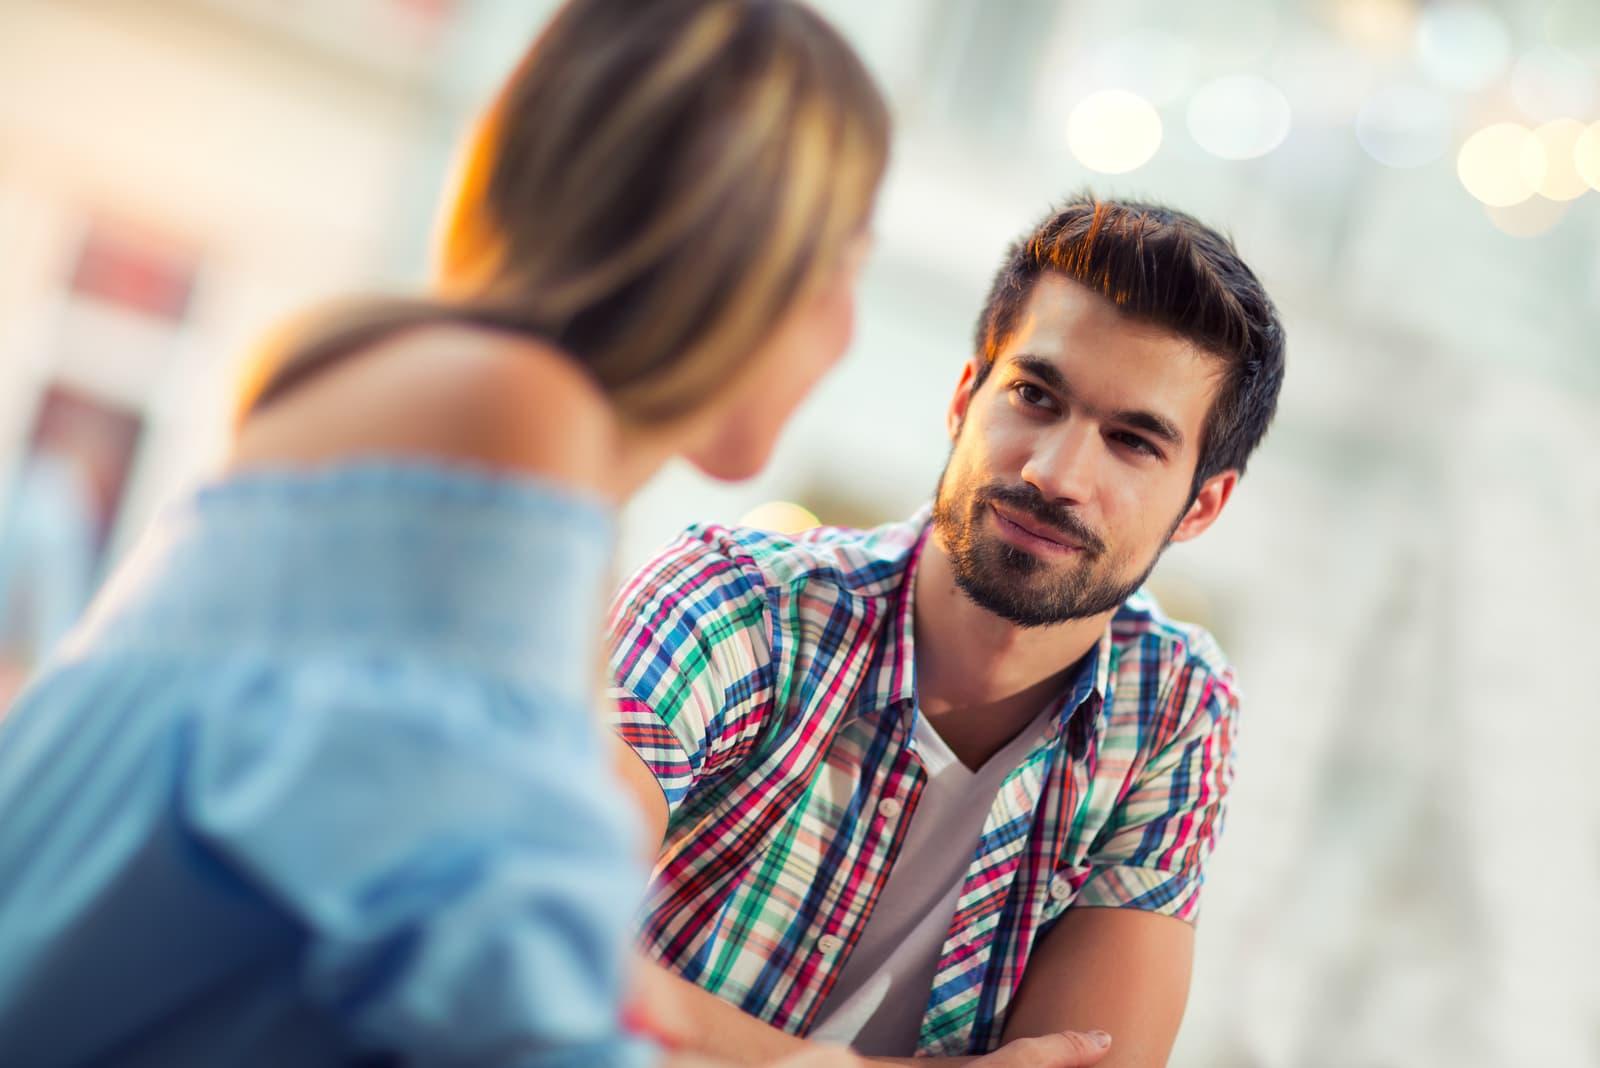 man staring at woman